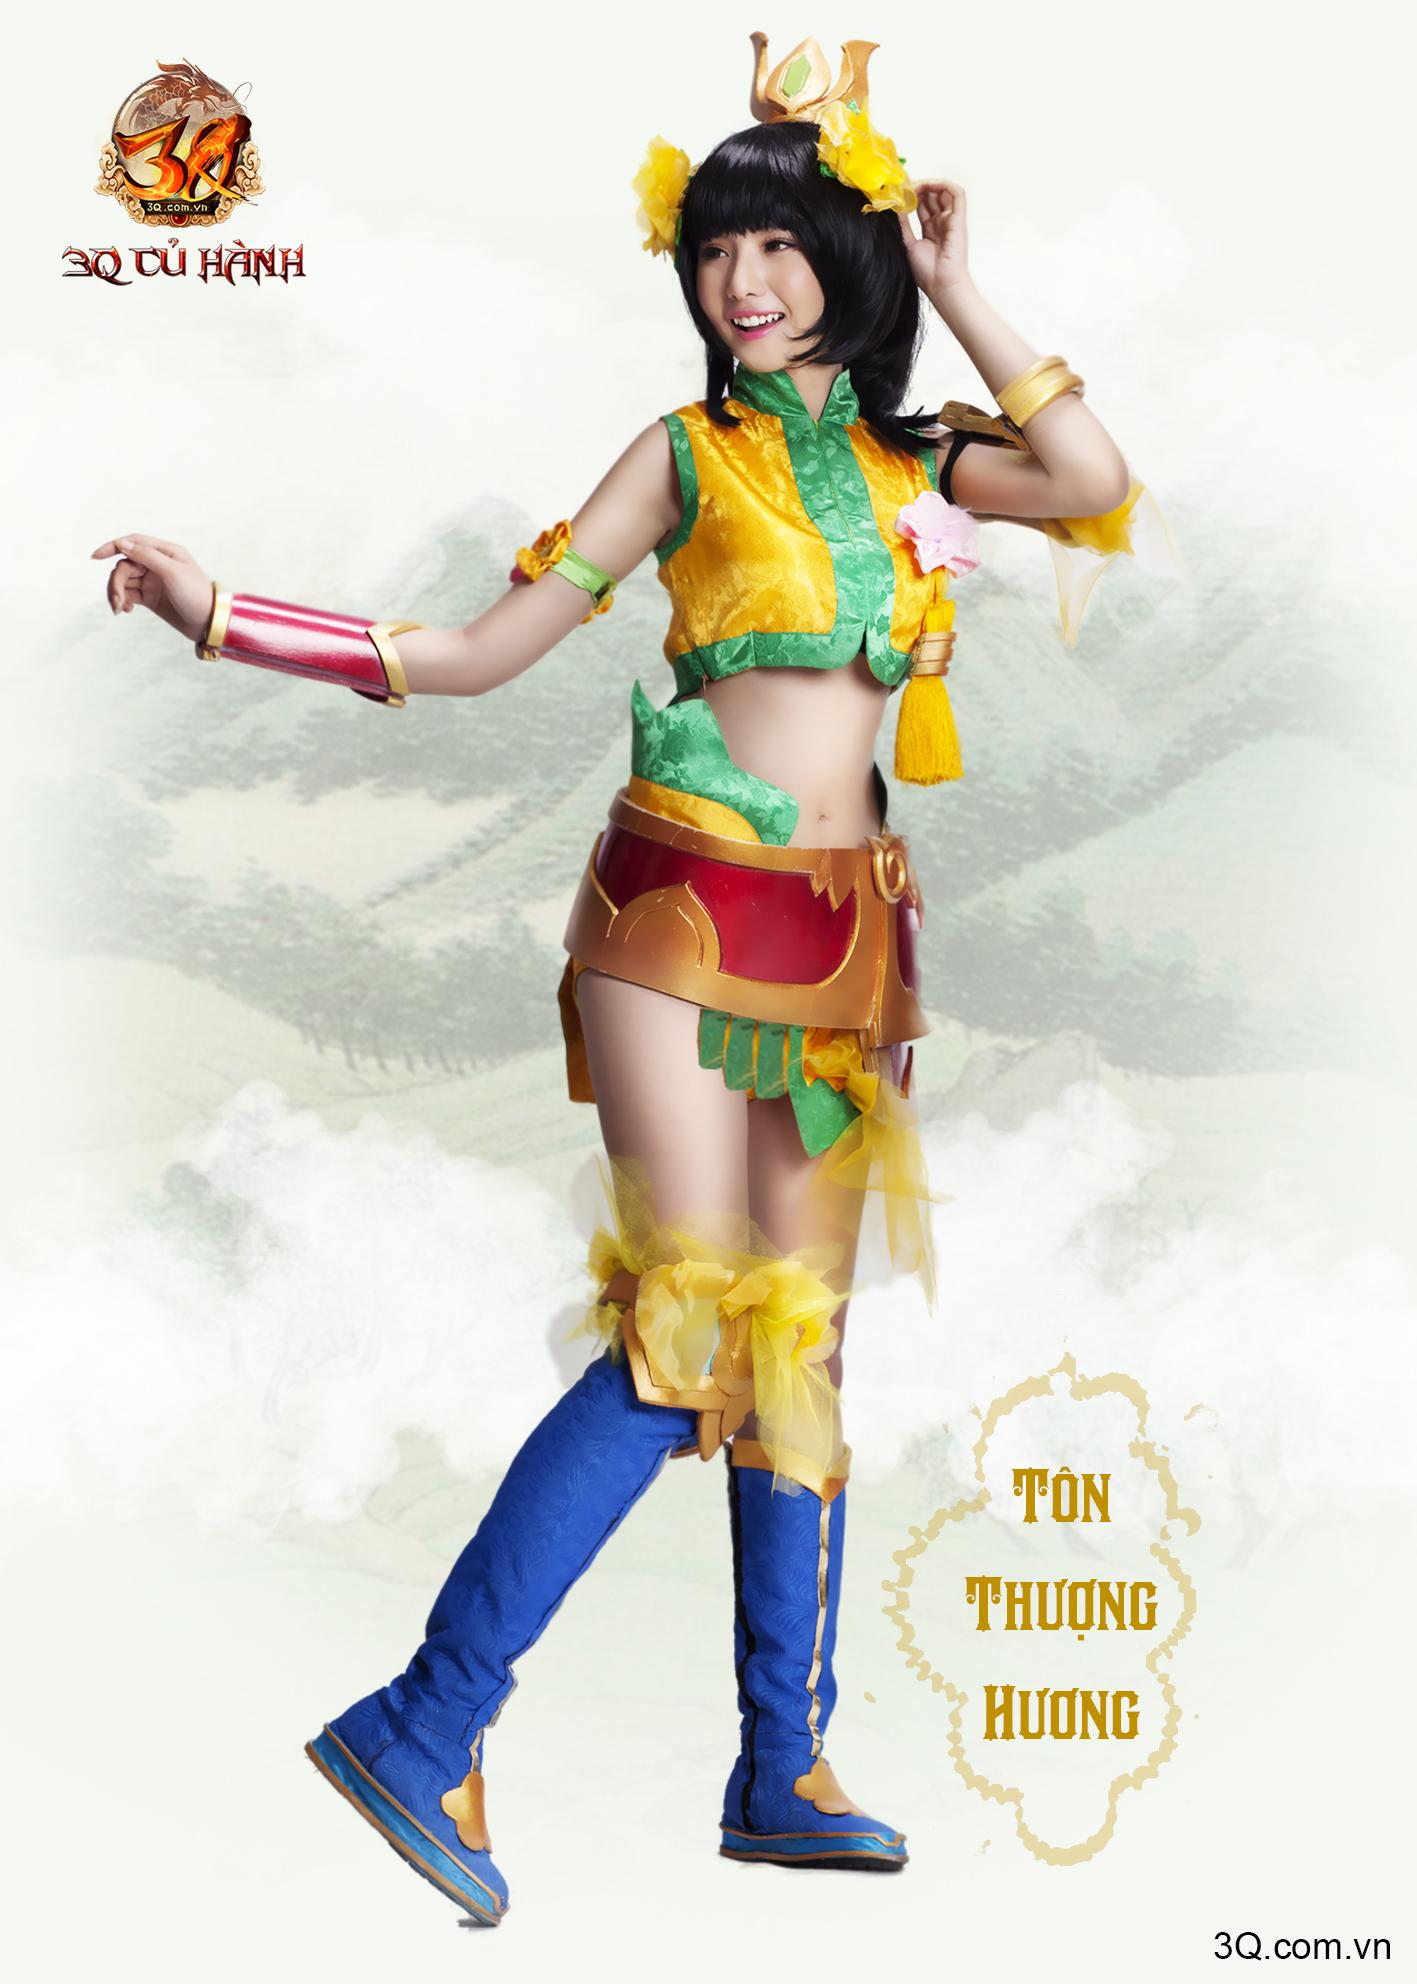 Nữ tướng 3Q Củ Hành đẹp ngỡ ngàng